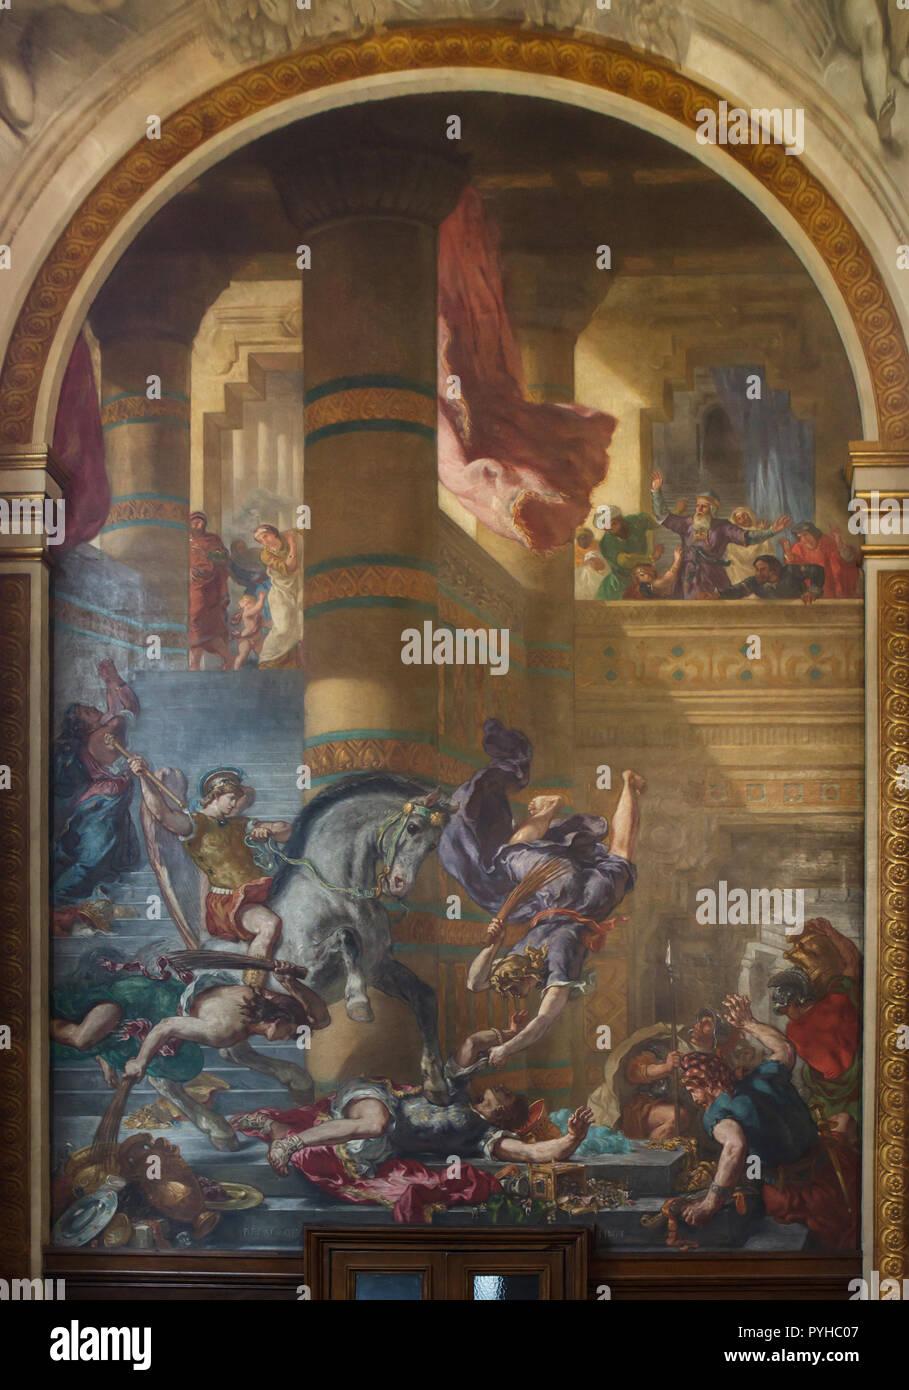 Vertreibung des Heliodor aus dem Tempel. Wandmalerei von Französischen romantischen Maler Eugène Delacroix (1855 - 1861) in der Kapelle der Heiligen Engel in der Kirche von Saint-Sulpice (Église Saint-Sulpice) in Paris, Frankreich. Stockbild